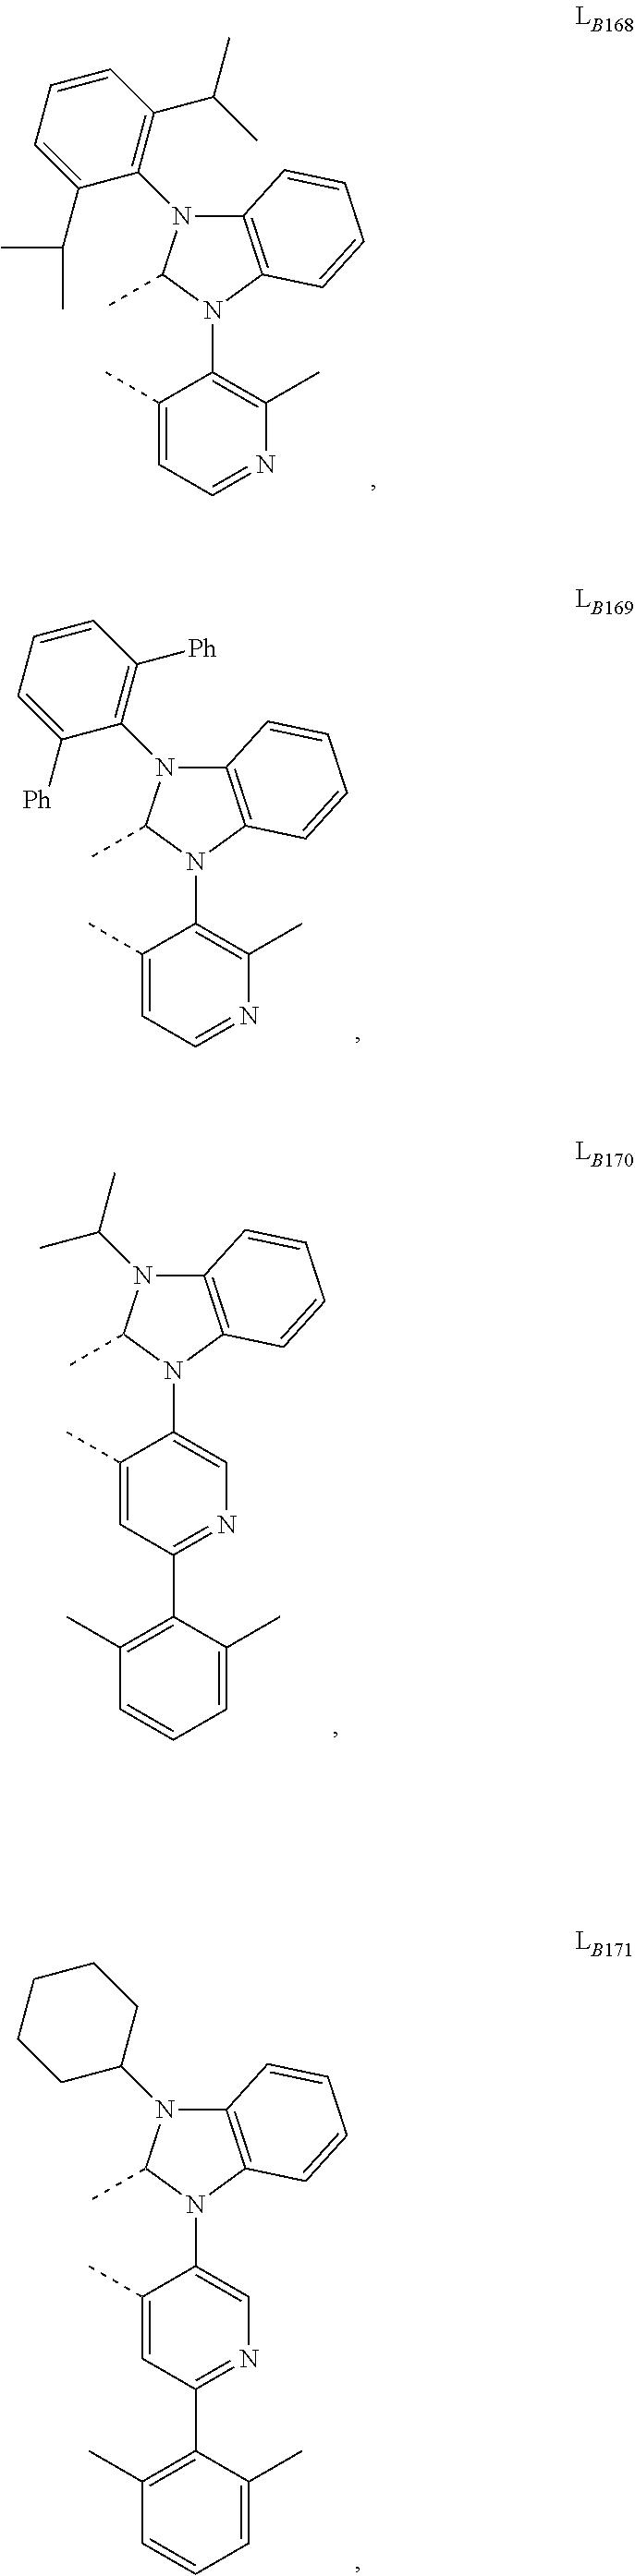 Figure US09905785-20180227-C00595